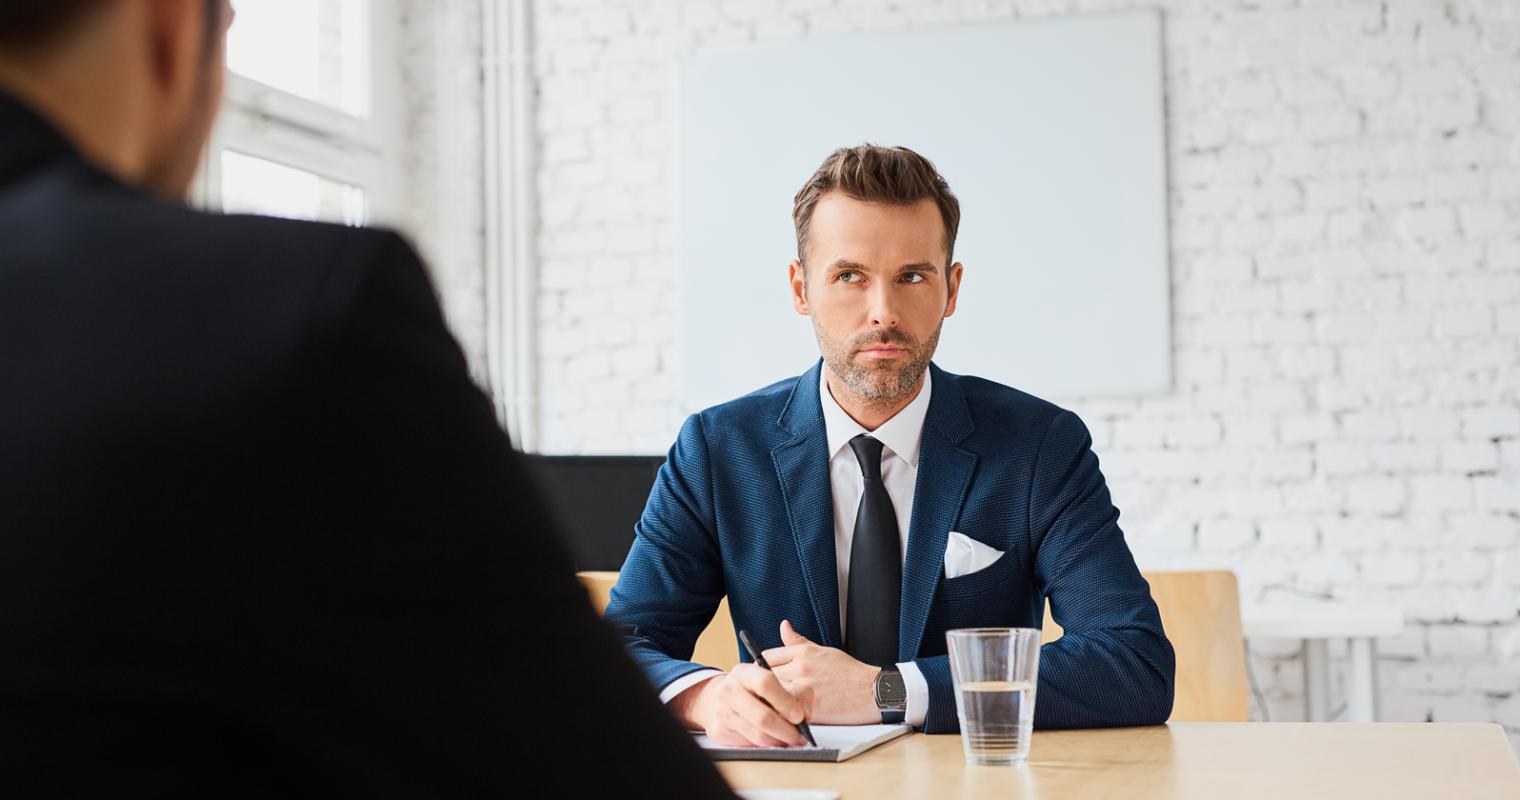 Habilidades para la entrevista de trabajo